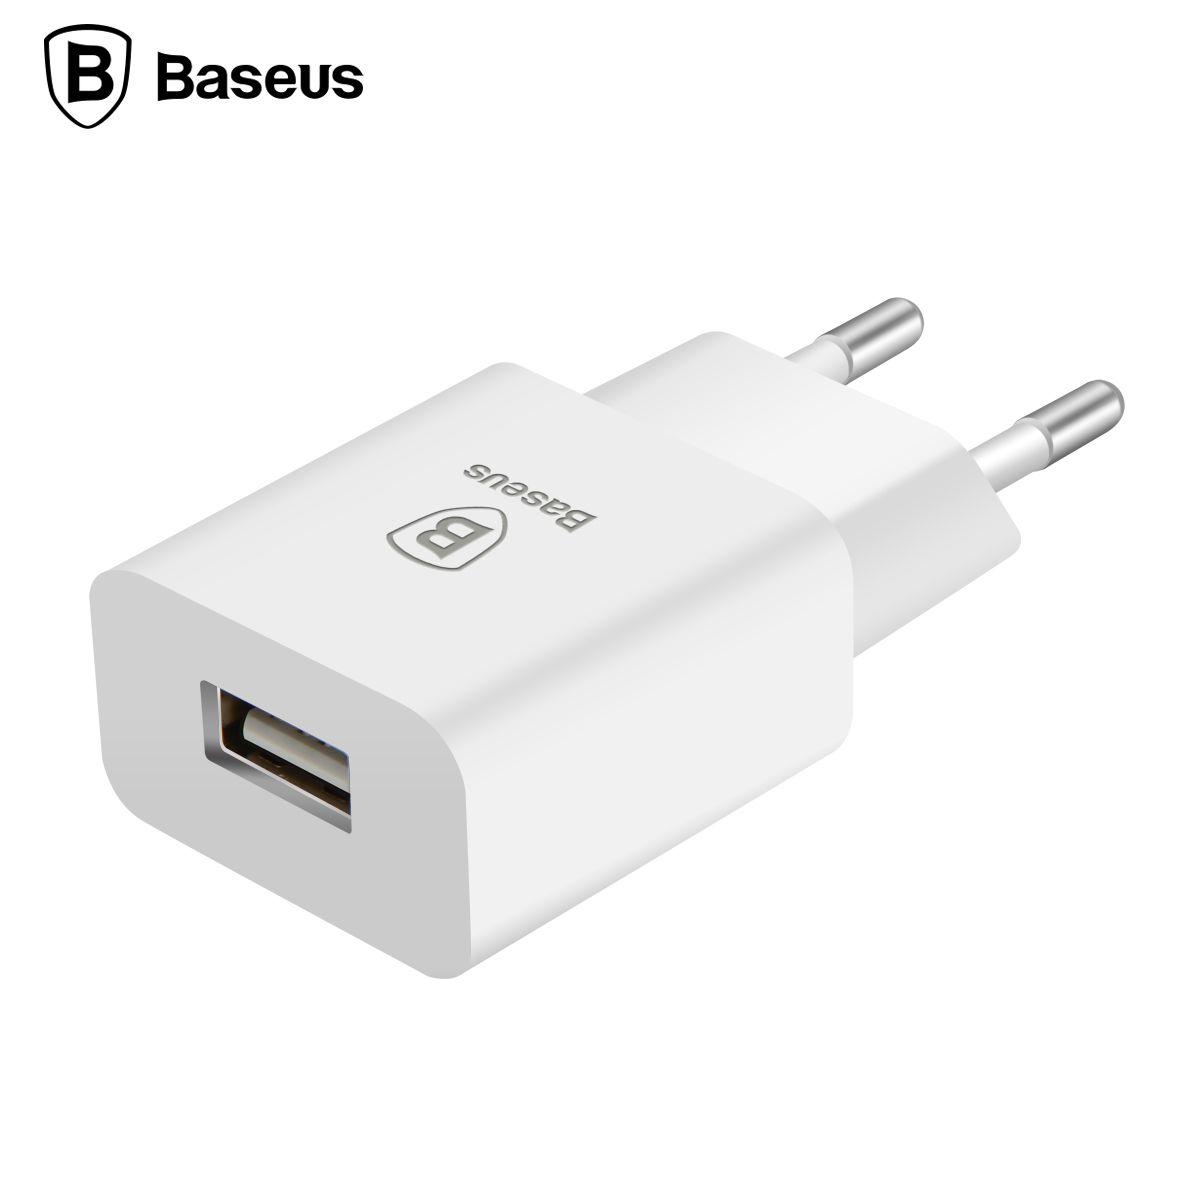 usb wall charger usb a eu plug baseus mobile phone charger on usb wall charger id=42264